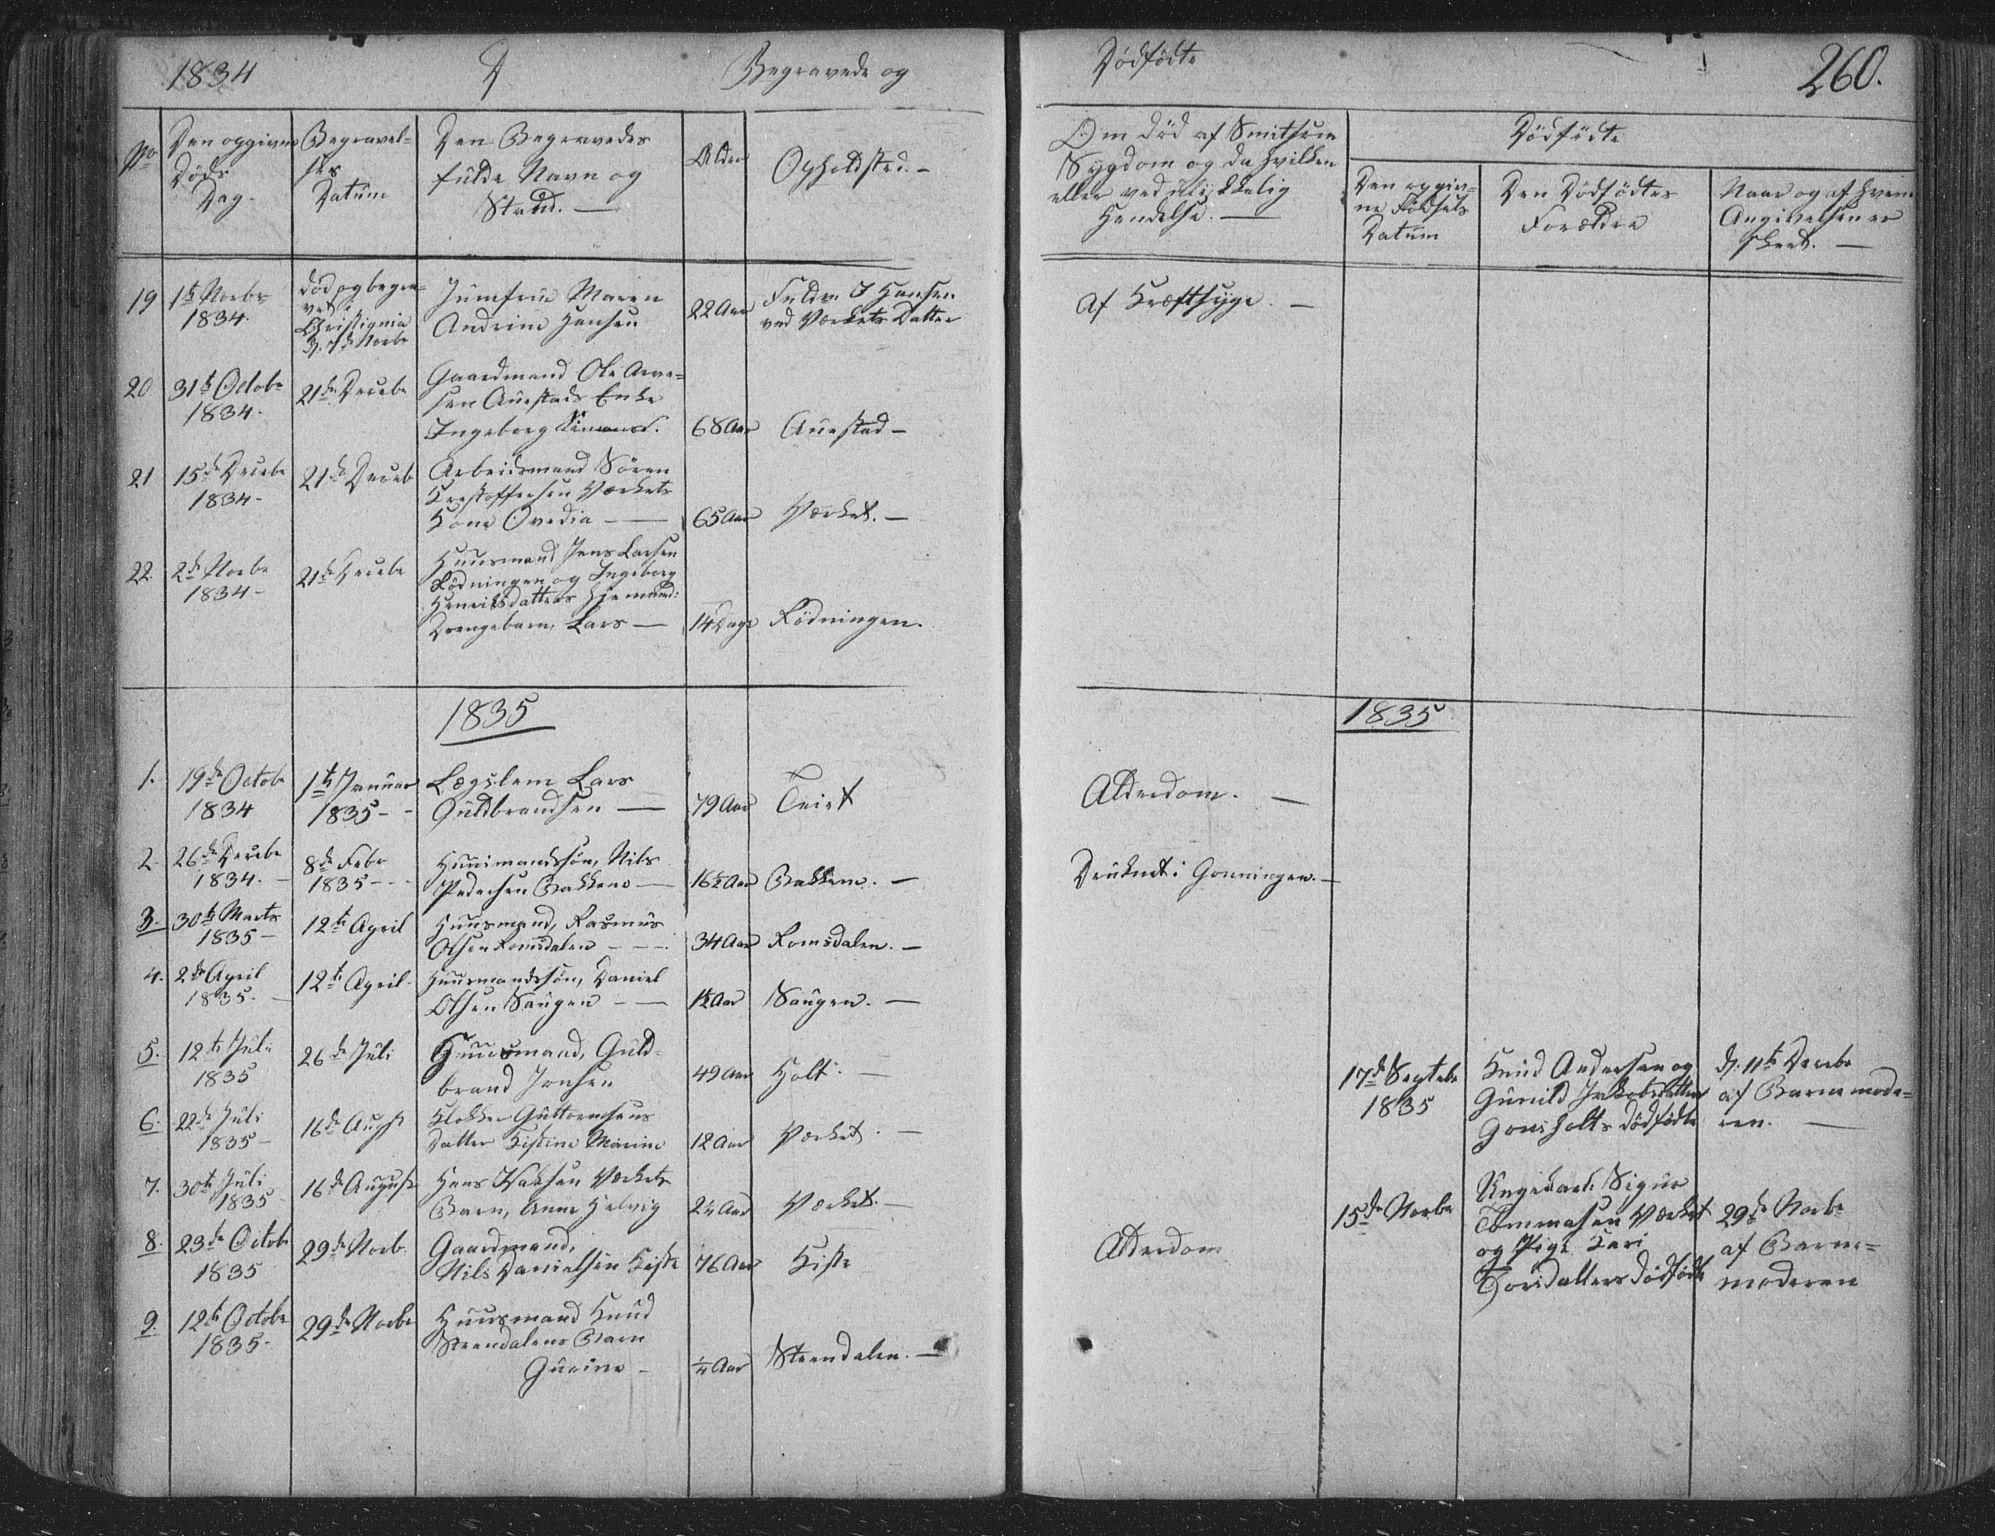 SAKO, Siljan kirkebøker, F/Fa/L0001: Ministerialbok nr. 1, 1831-1870, s. 260